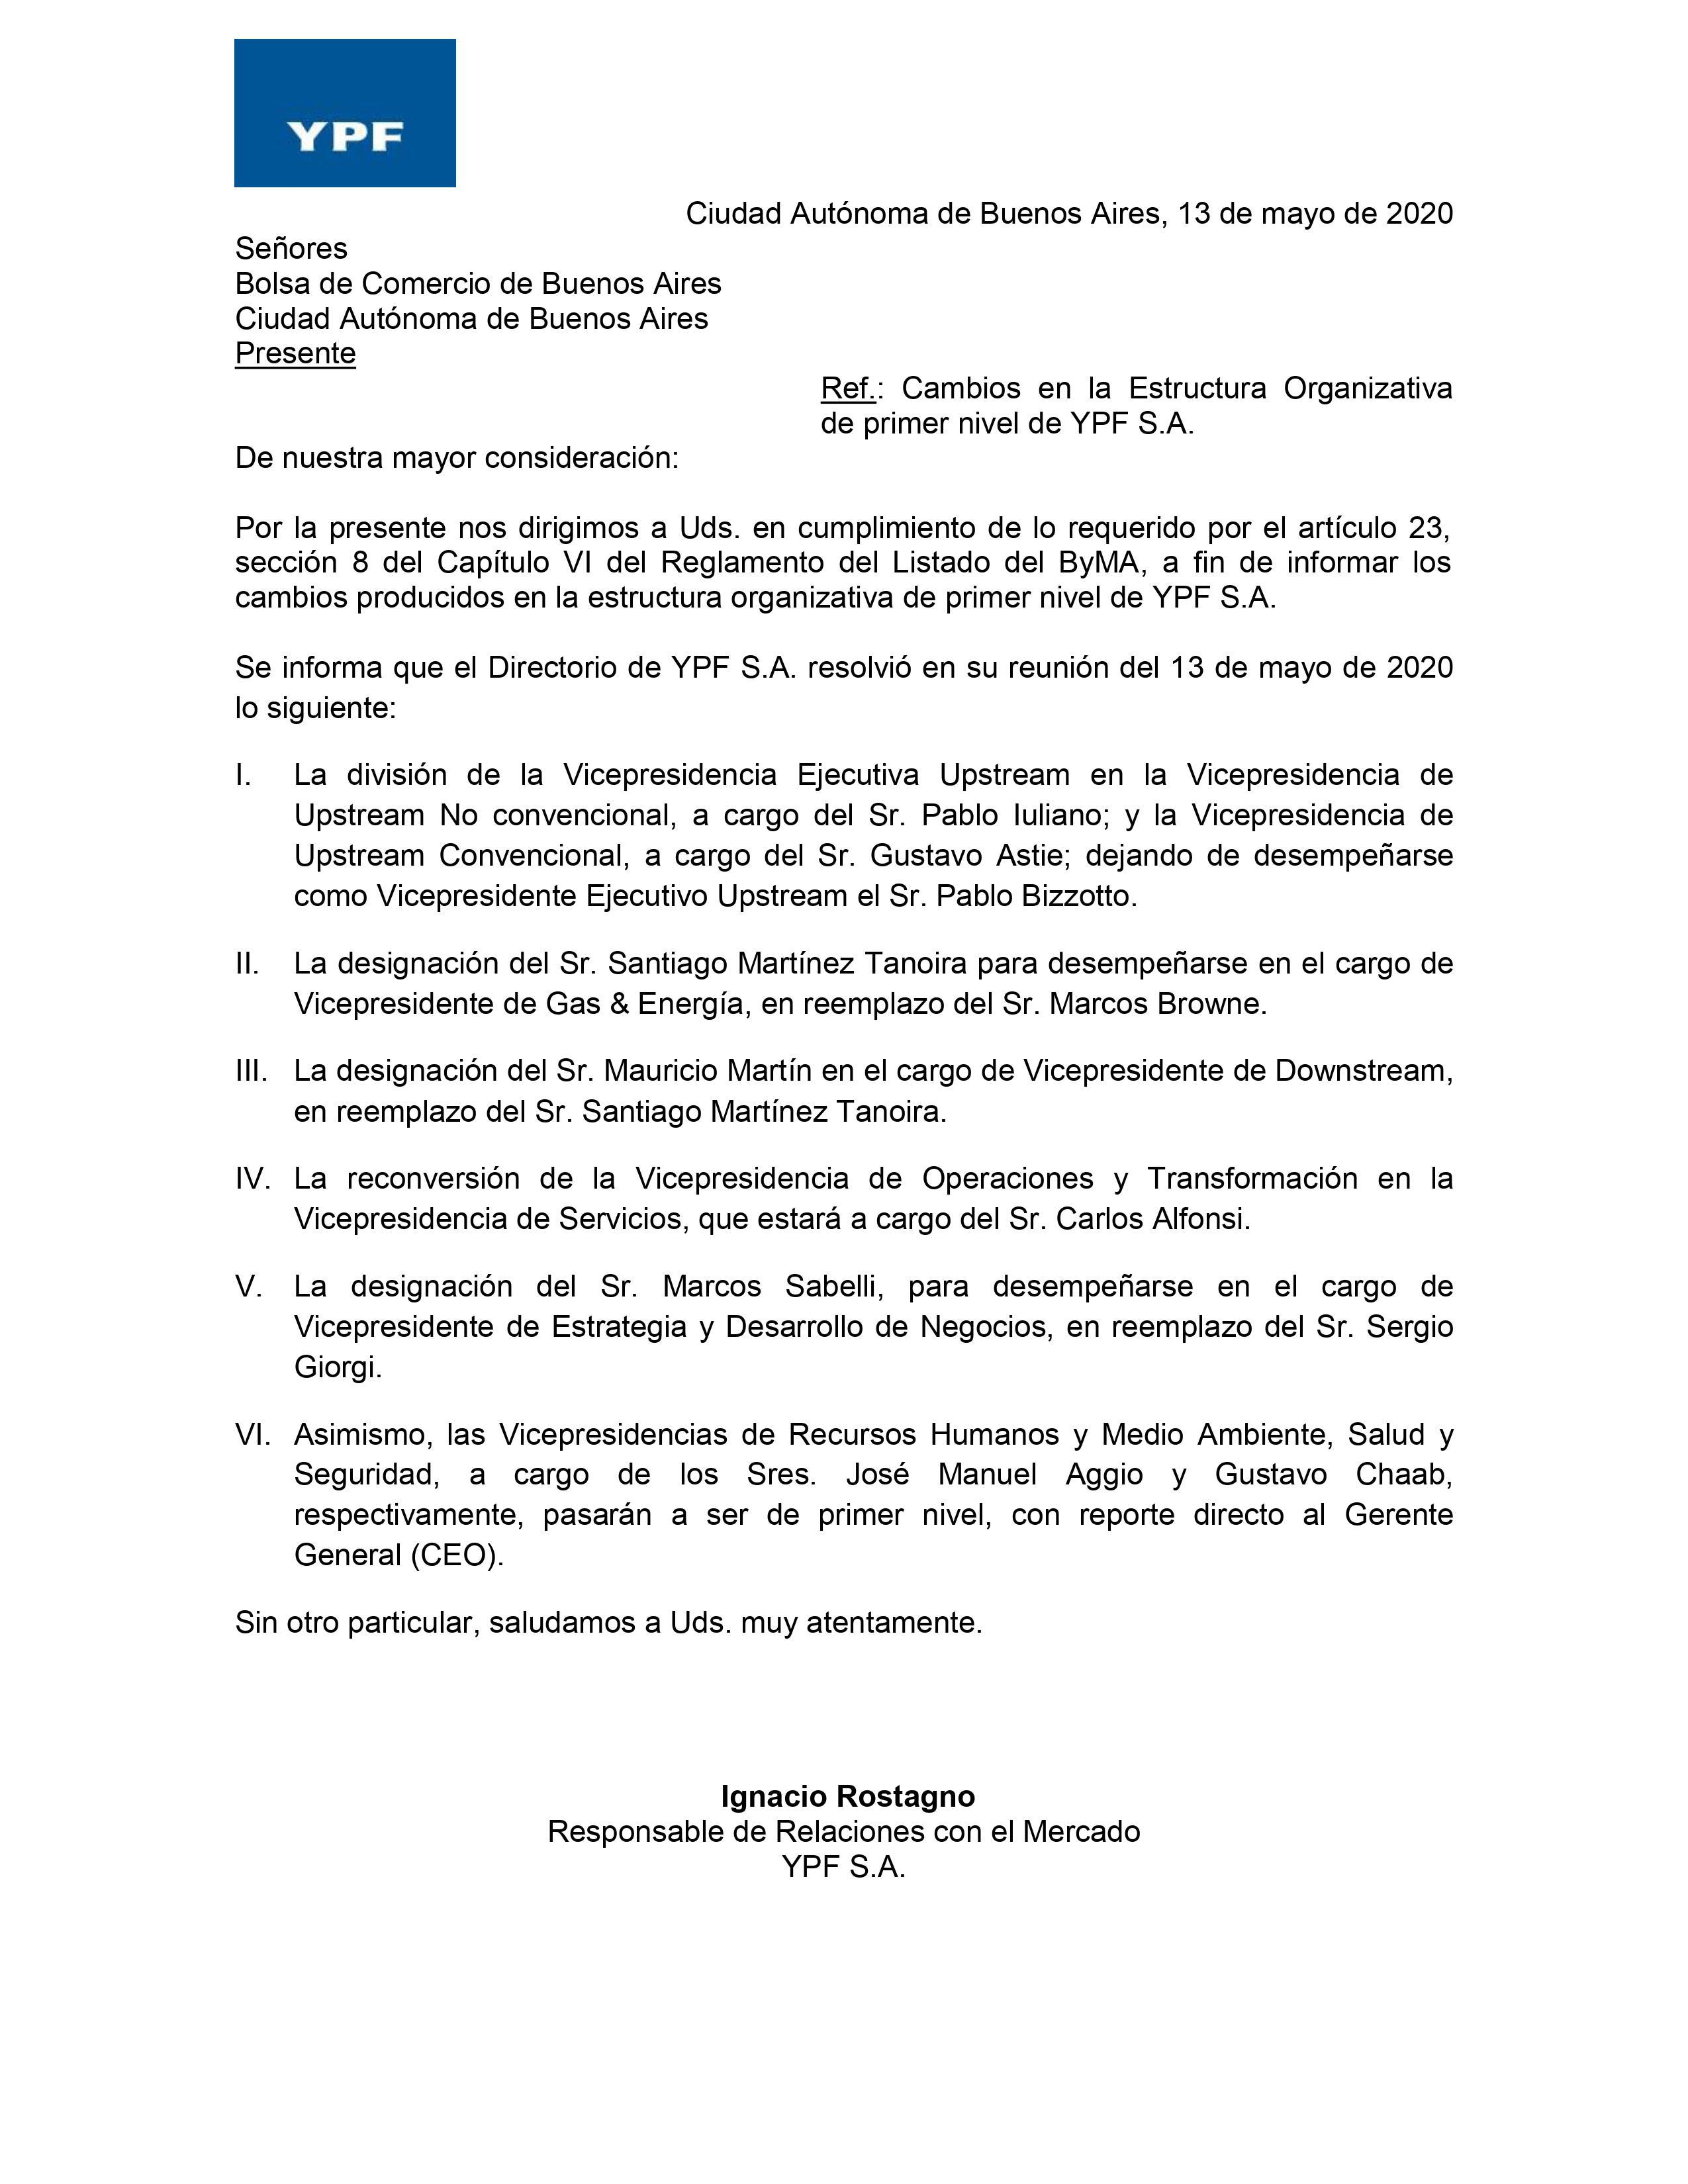 La comunicación de YPF a la Bolsa de Comercio de Comercio de Buenos Aires.